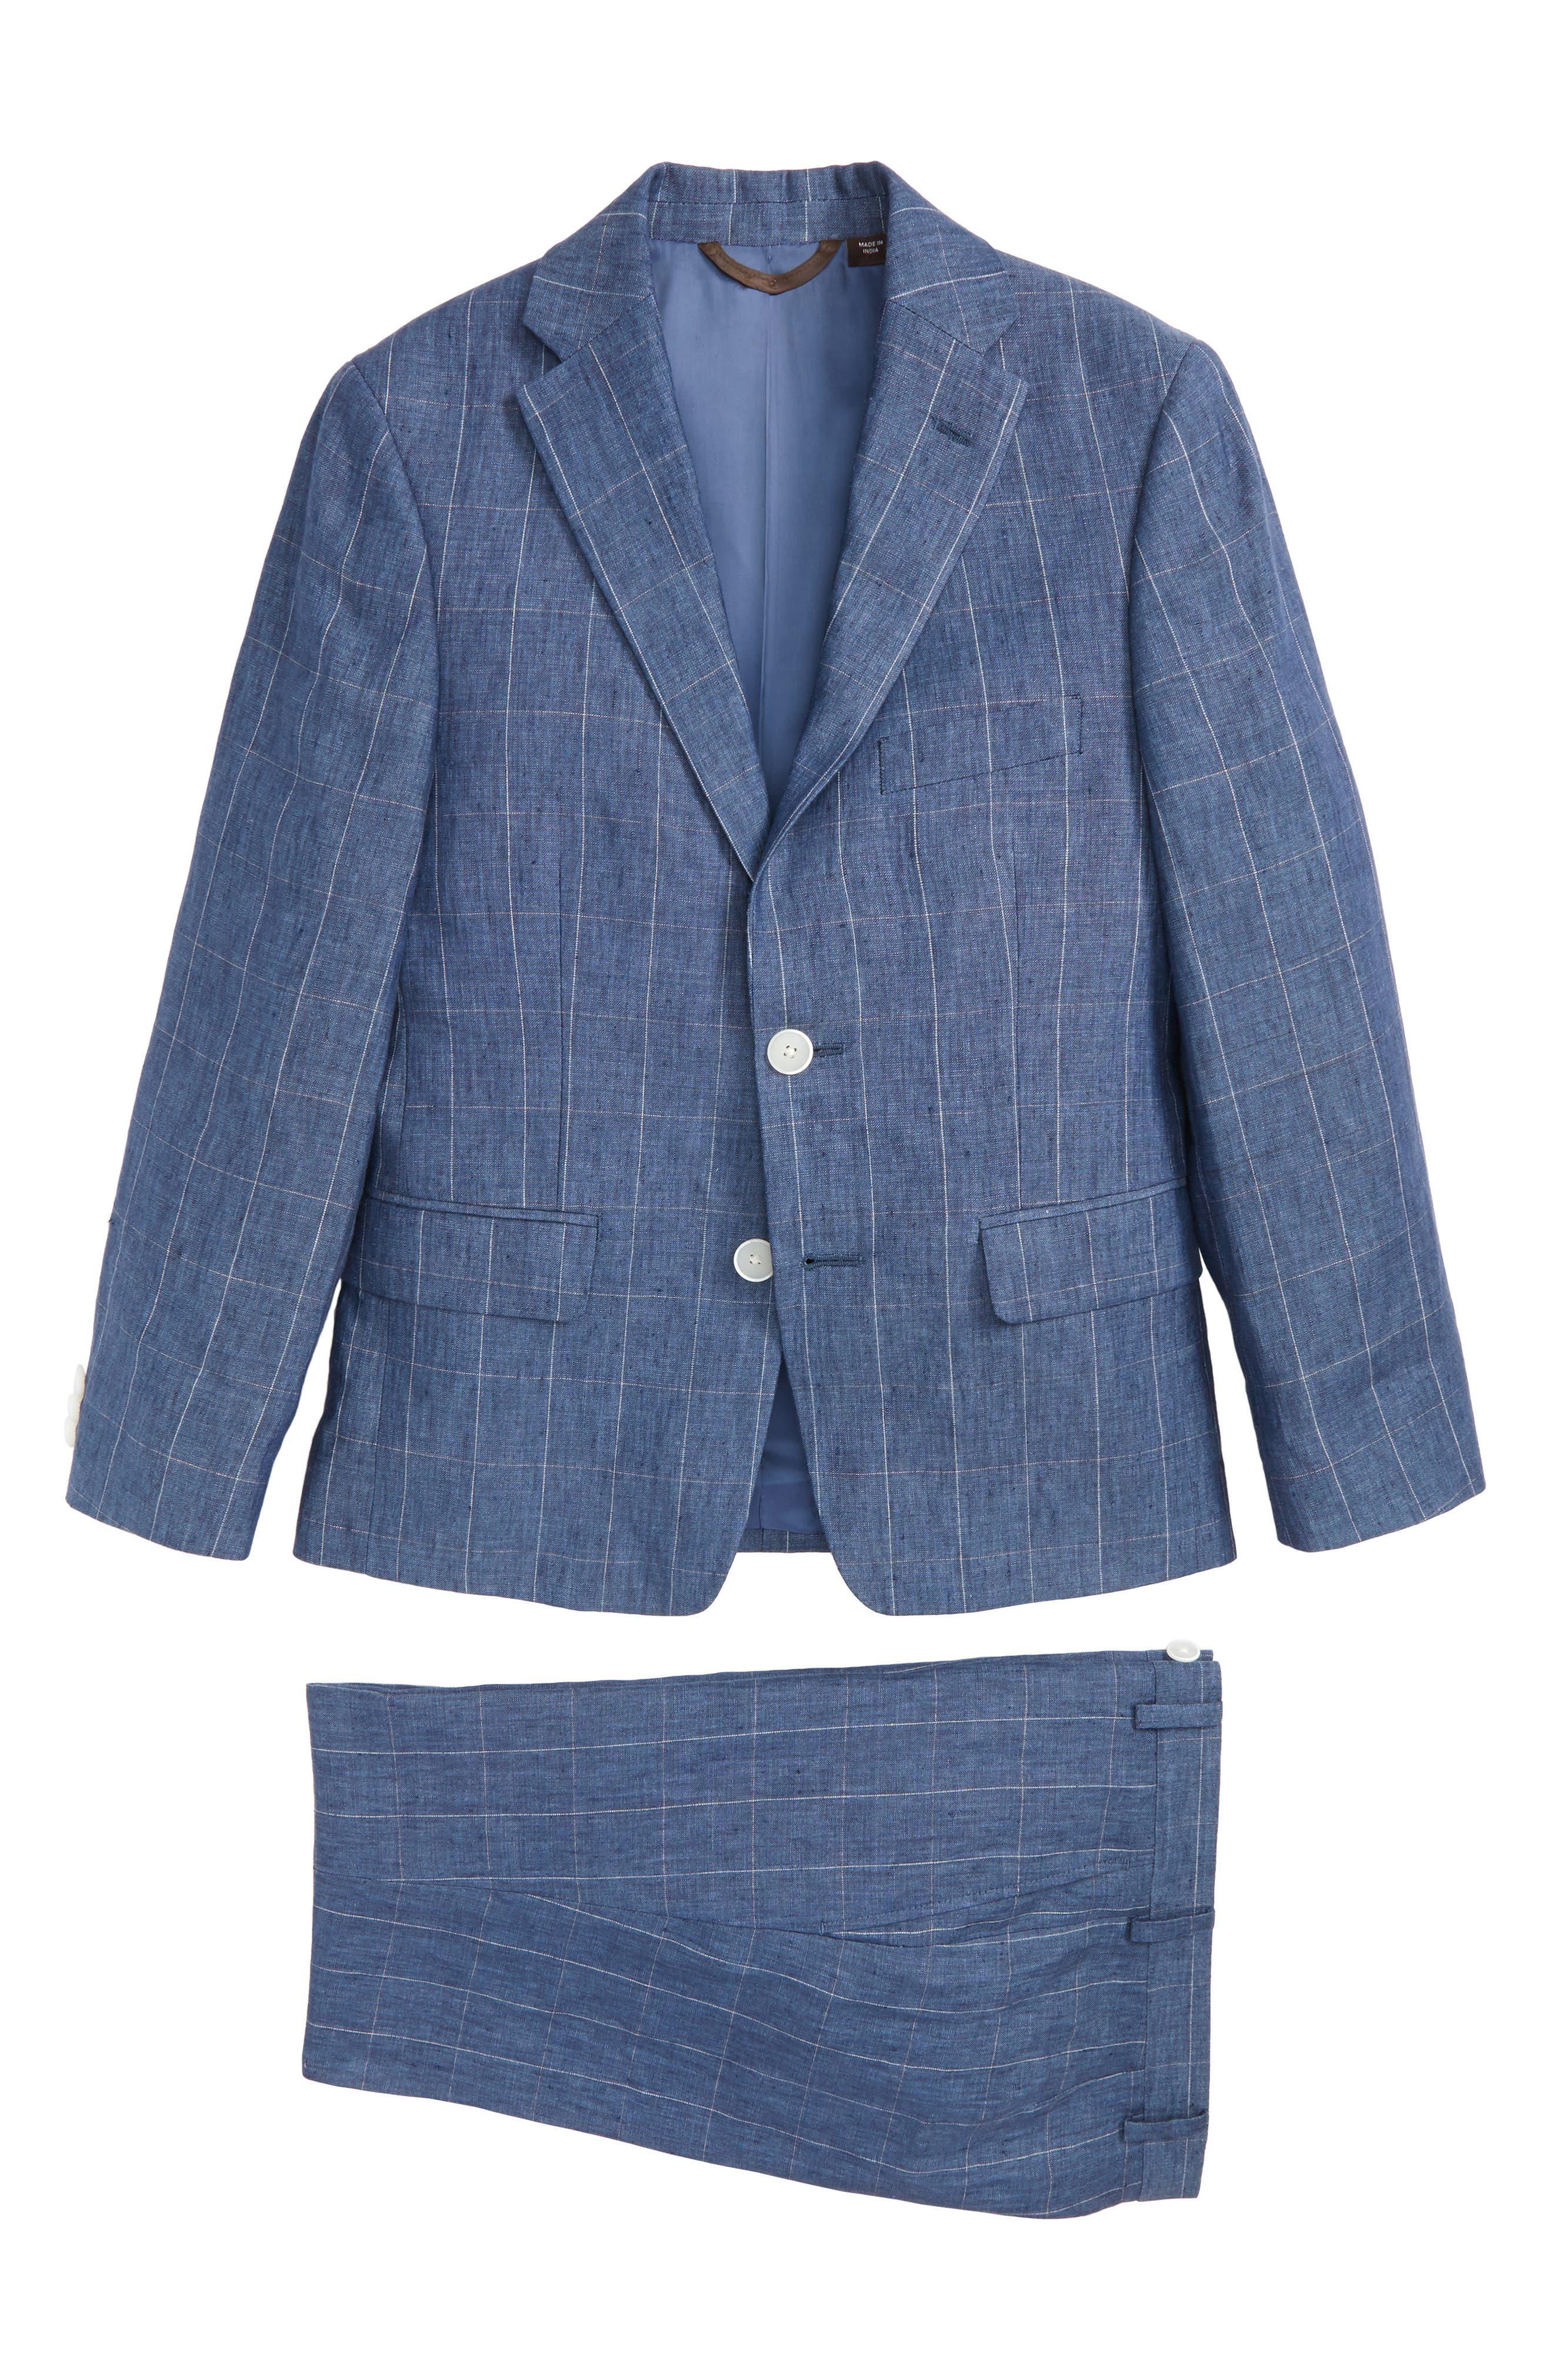 Michael Kors Collection Two-Piece Linen Suit (Big Boys)